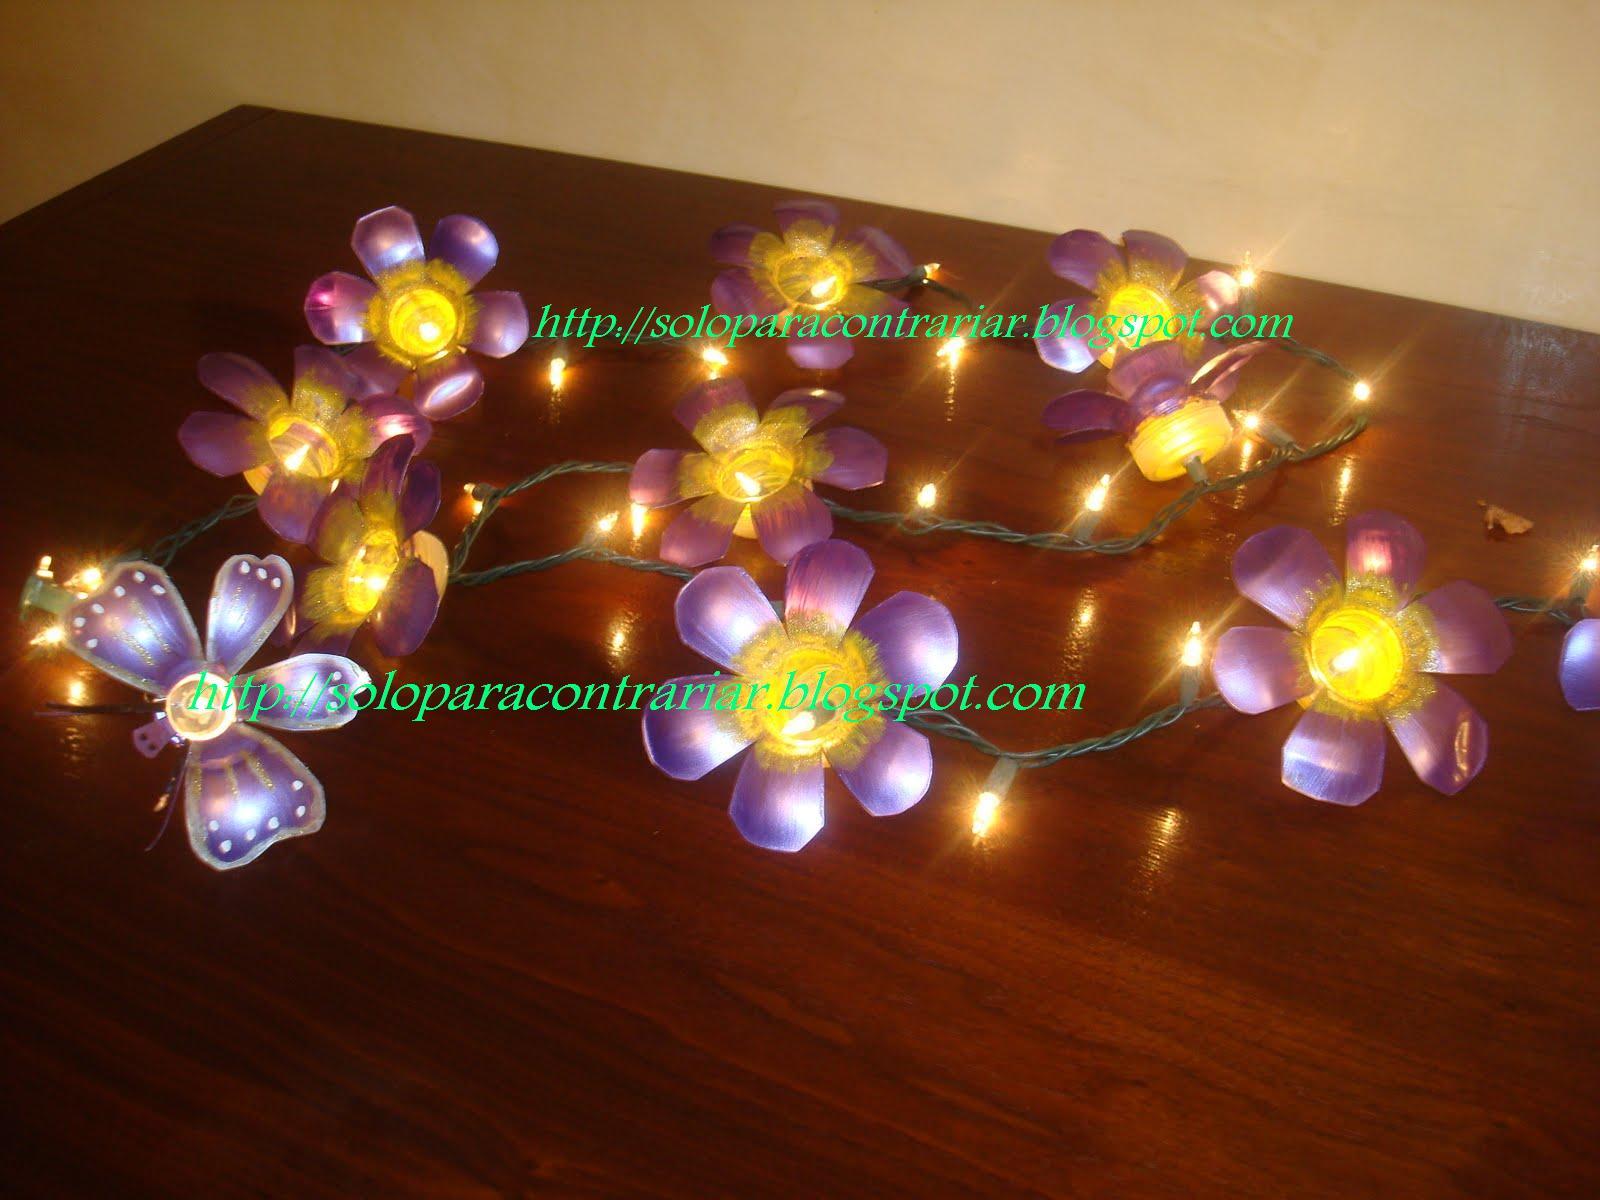 Guia de flores con luces hechas botellas plastico pictures - Flores de plastico ...